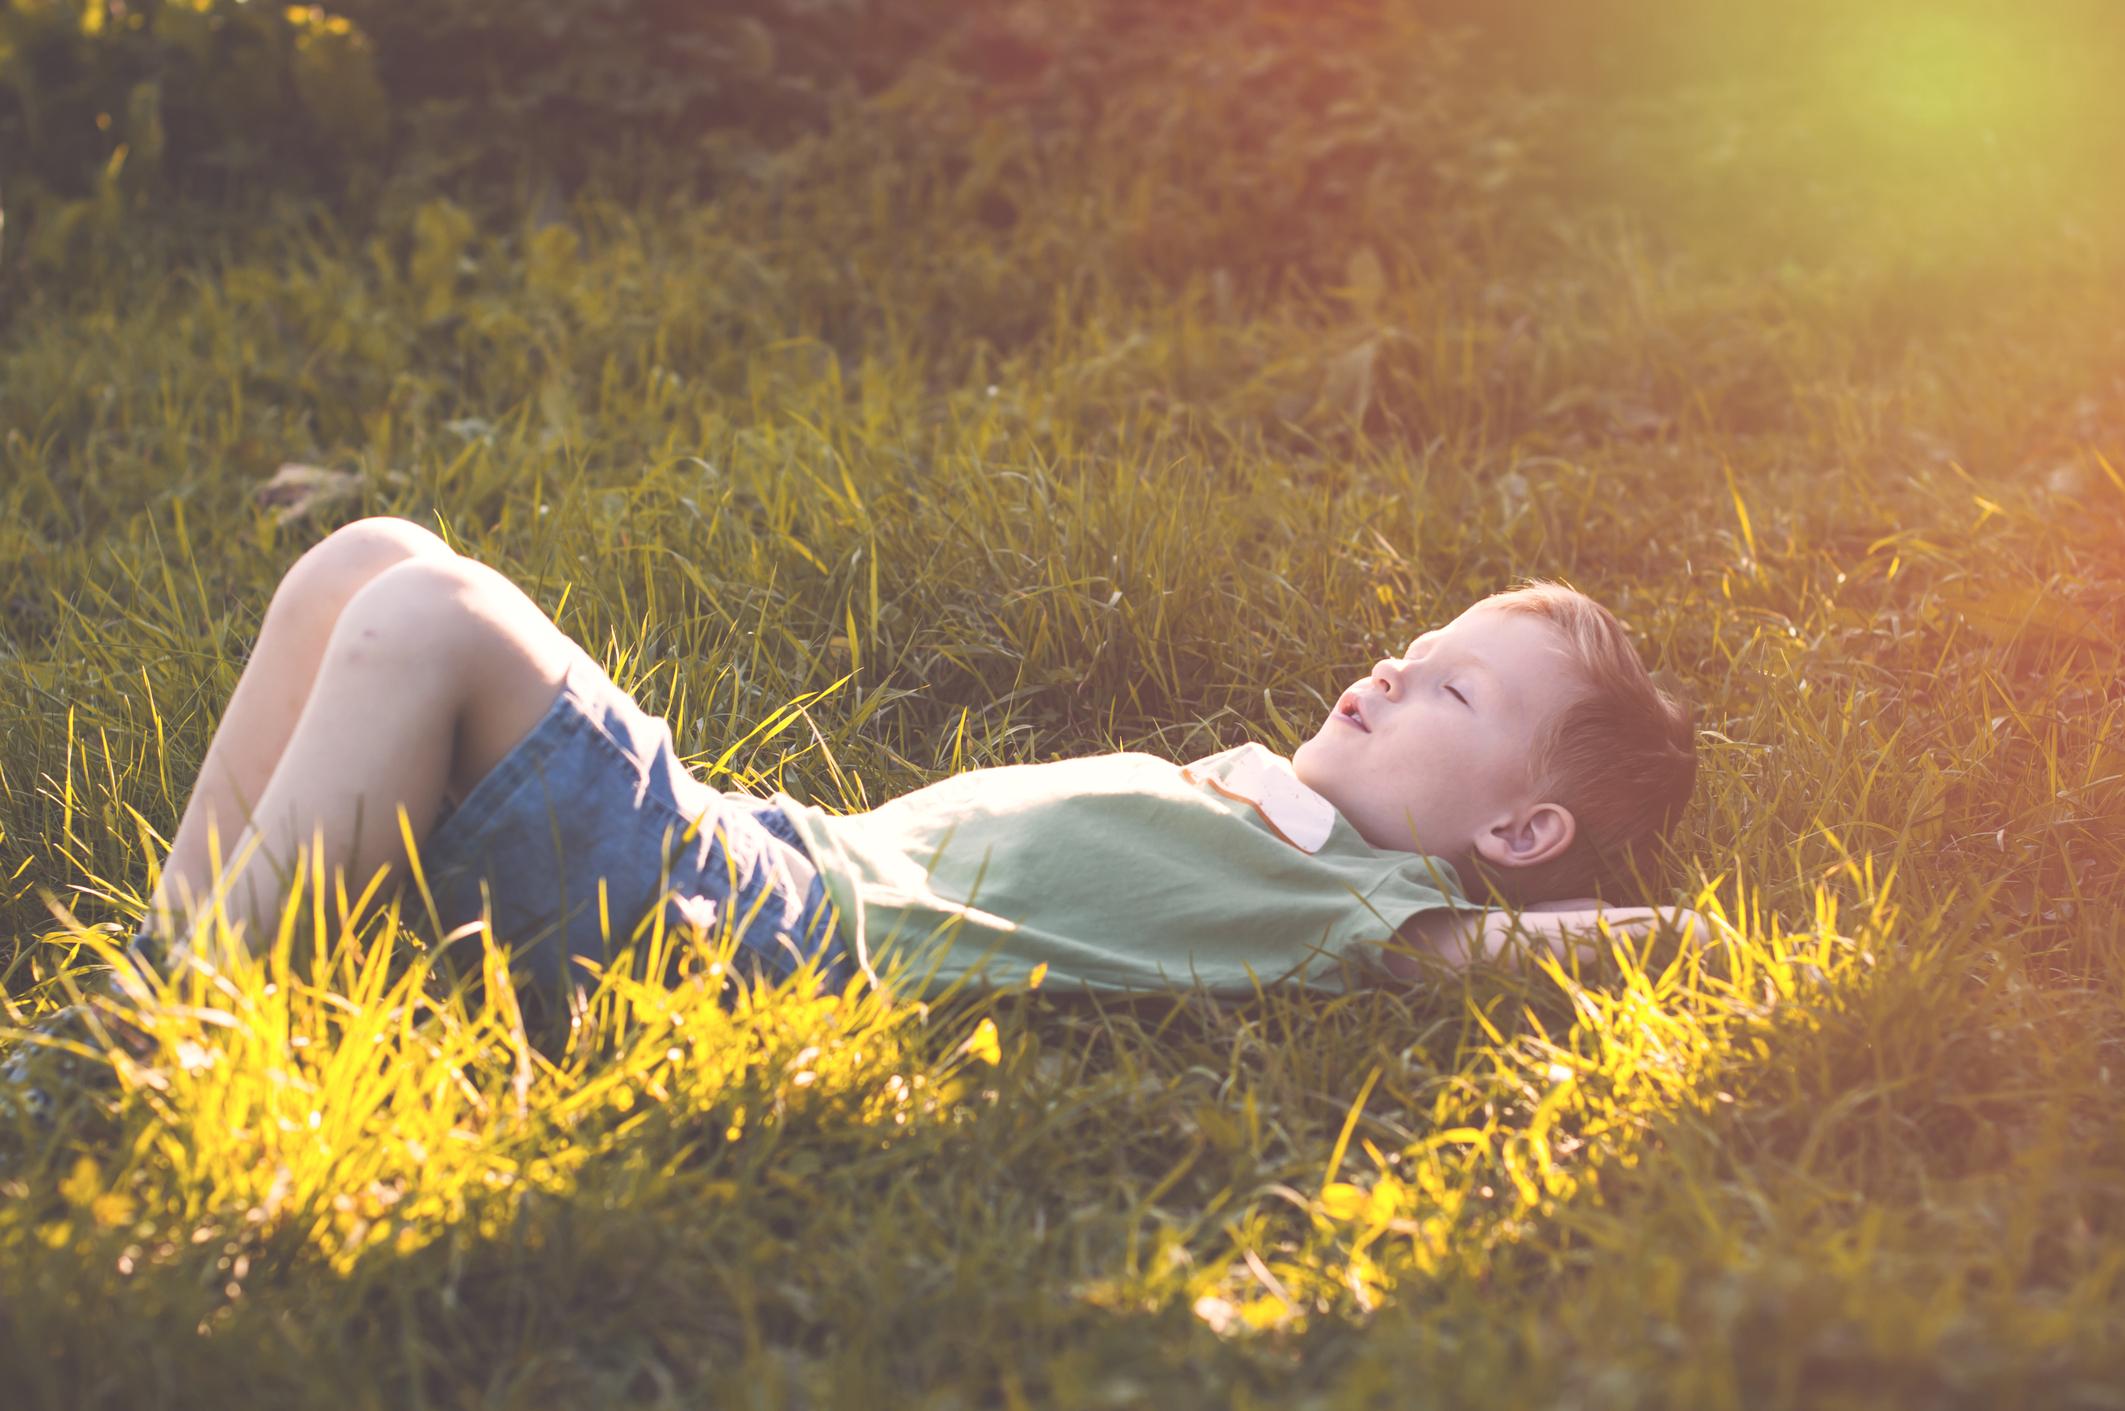 Child peacefully sleeps on nature - kid.jpg